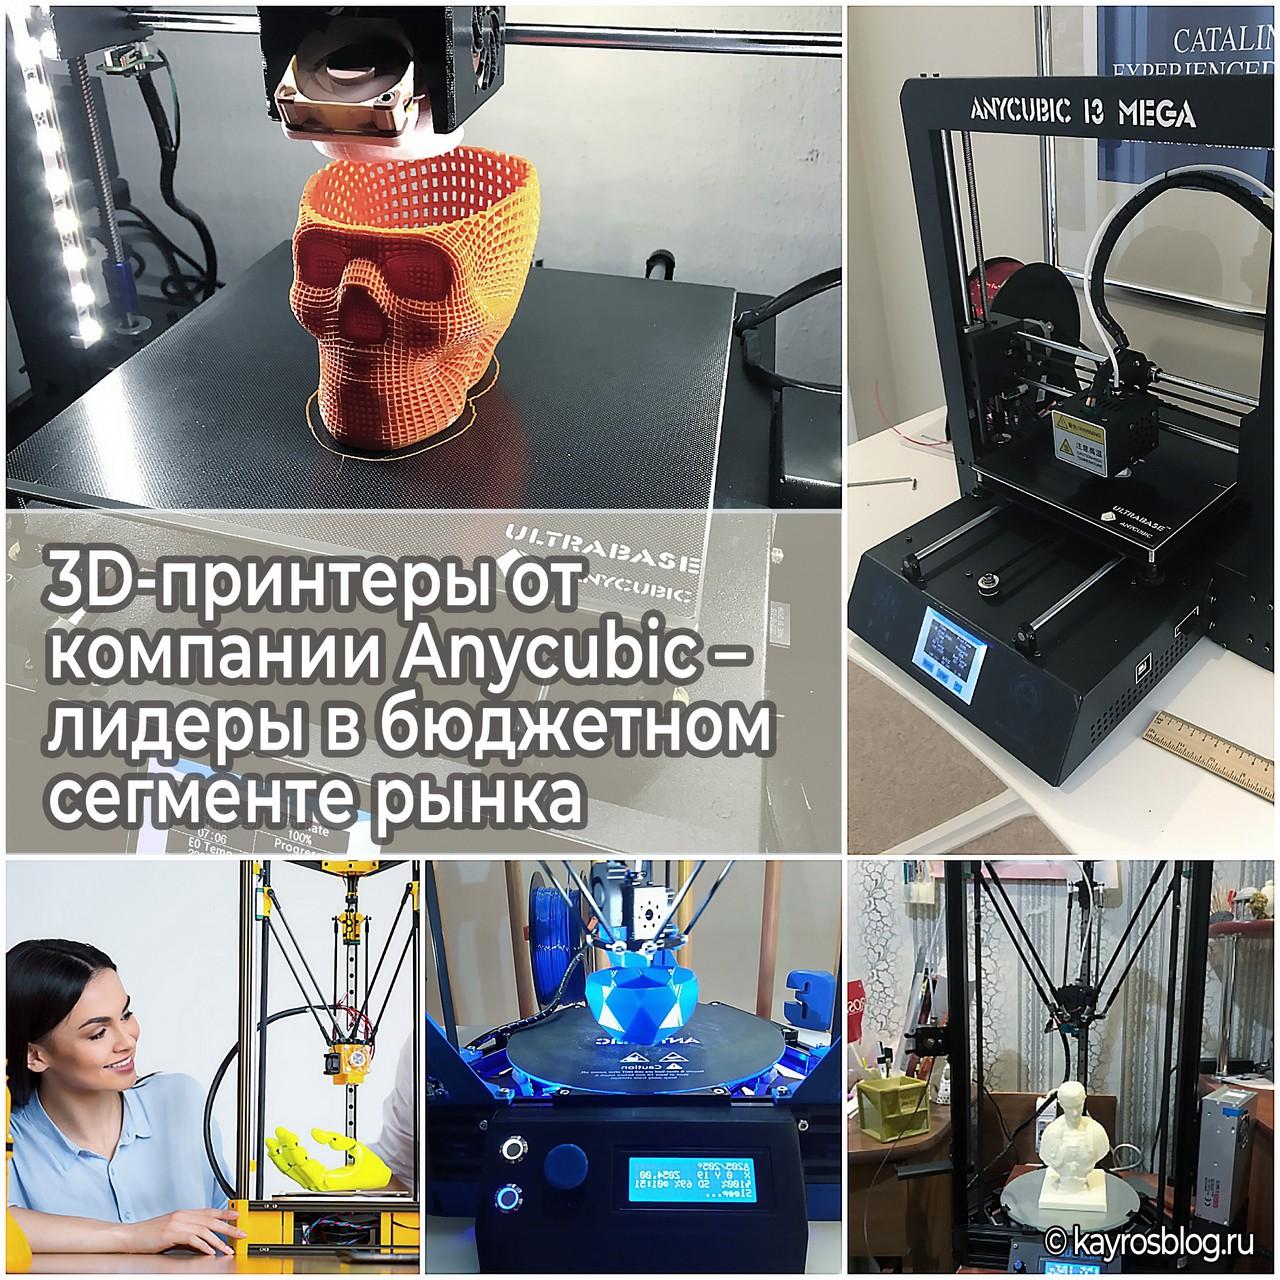 3D-принтеры от компании Anycubic – лидеры в бюджетном сегменте рынка